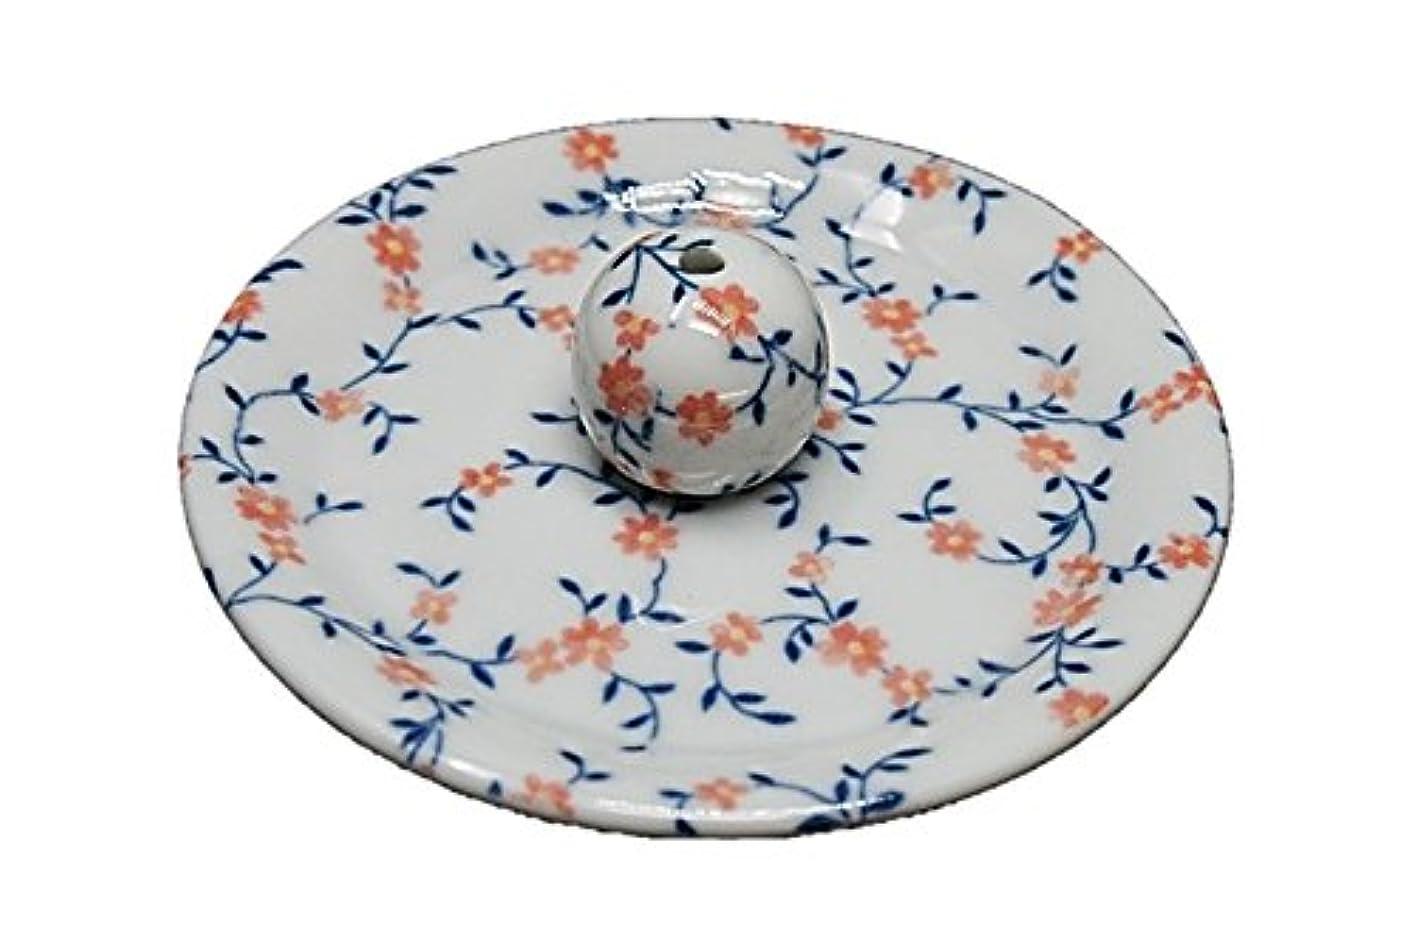 ジェム一定無数の9-6 カントリーフラワー 9cm香皿 お香立て お香たて 陶器 日本製 製造?直売品